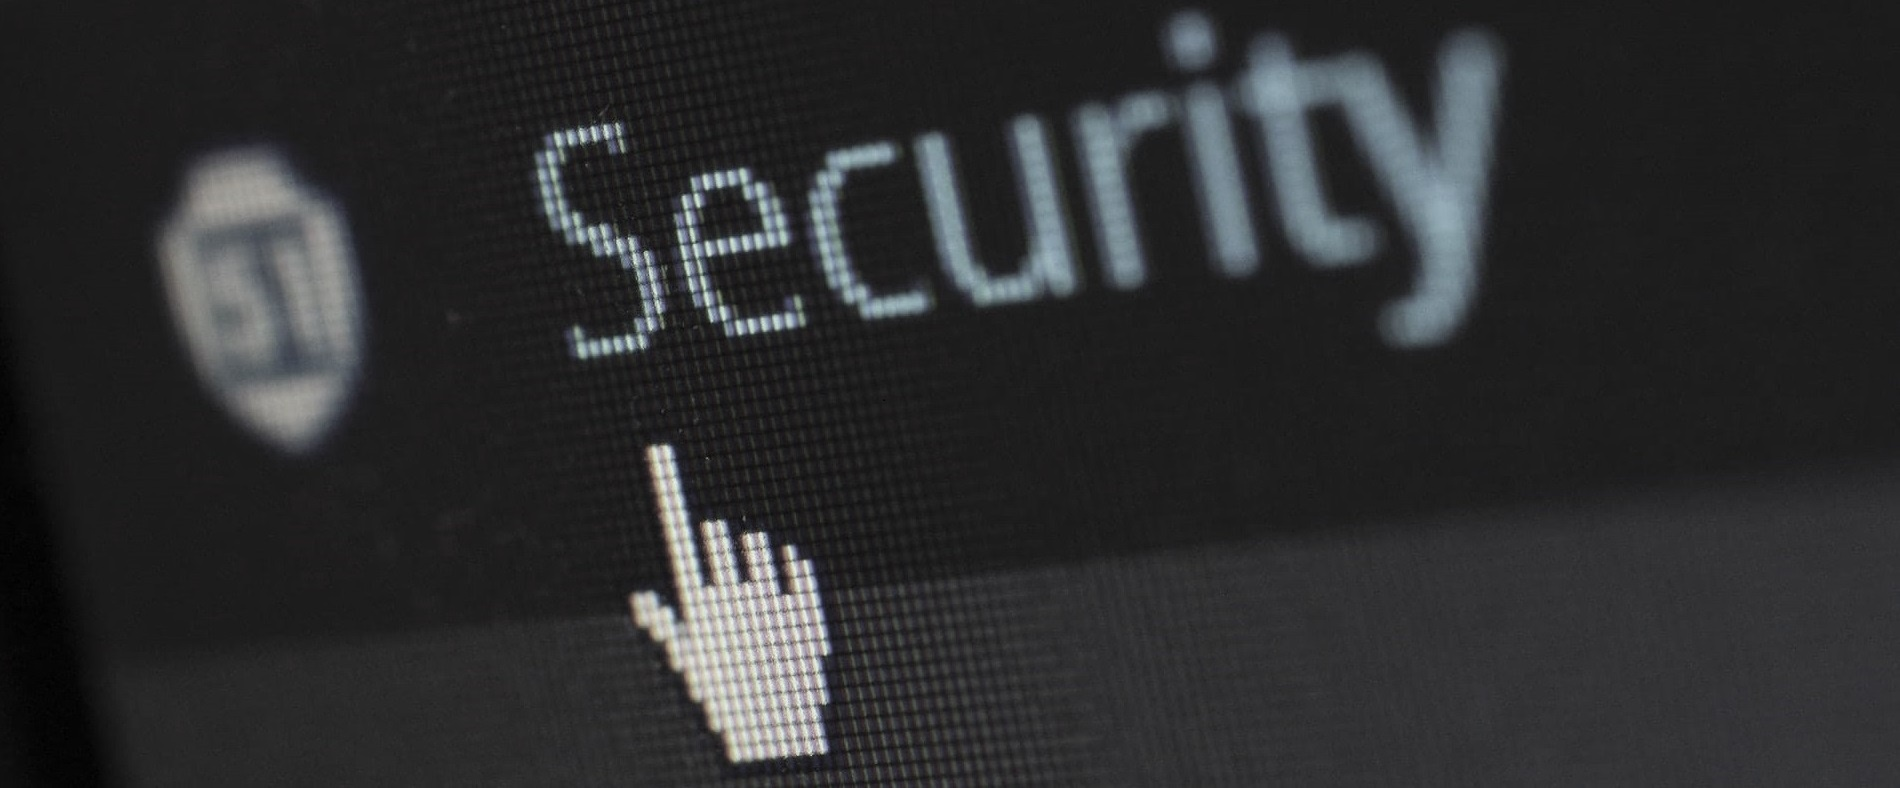 """Approvato dal Parlamento l'emendamento governativo al decreto legge in materia di sicurezza cibernetica che modifica ulteriormente il d.l. n. 21/2012 in materia di """"Golden power"""""""